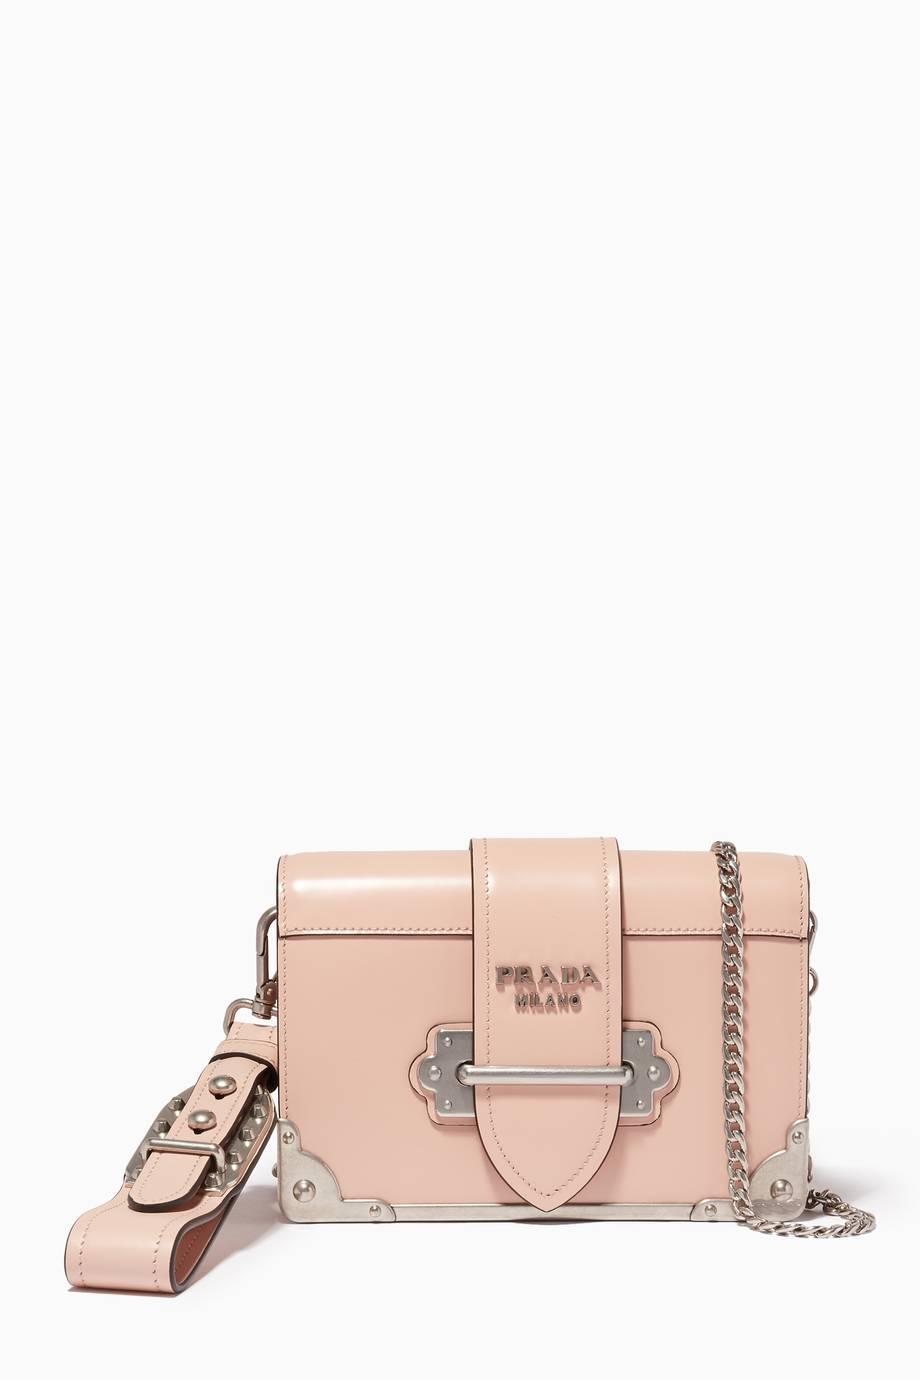 a42ba67c13e1 ... wholesale shop luxury prada pink mini cahier chain wristlet shoulder bag  d53f6 330b4